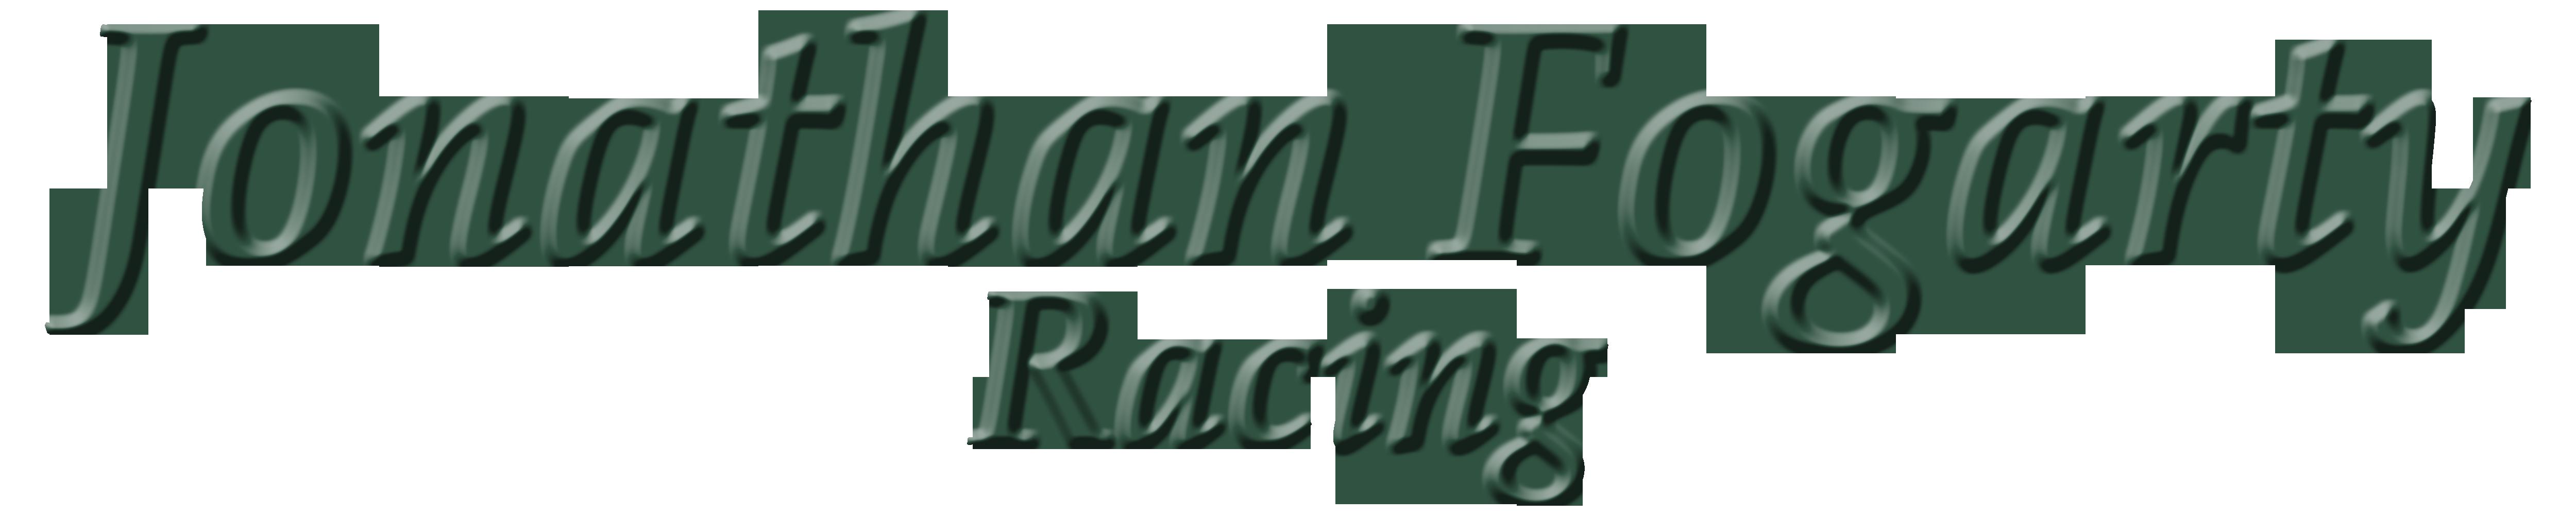 Jonathan Fogarty Racing - Horse Racing Wexford